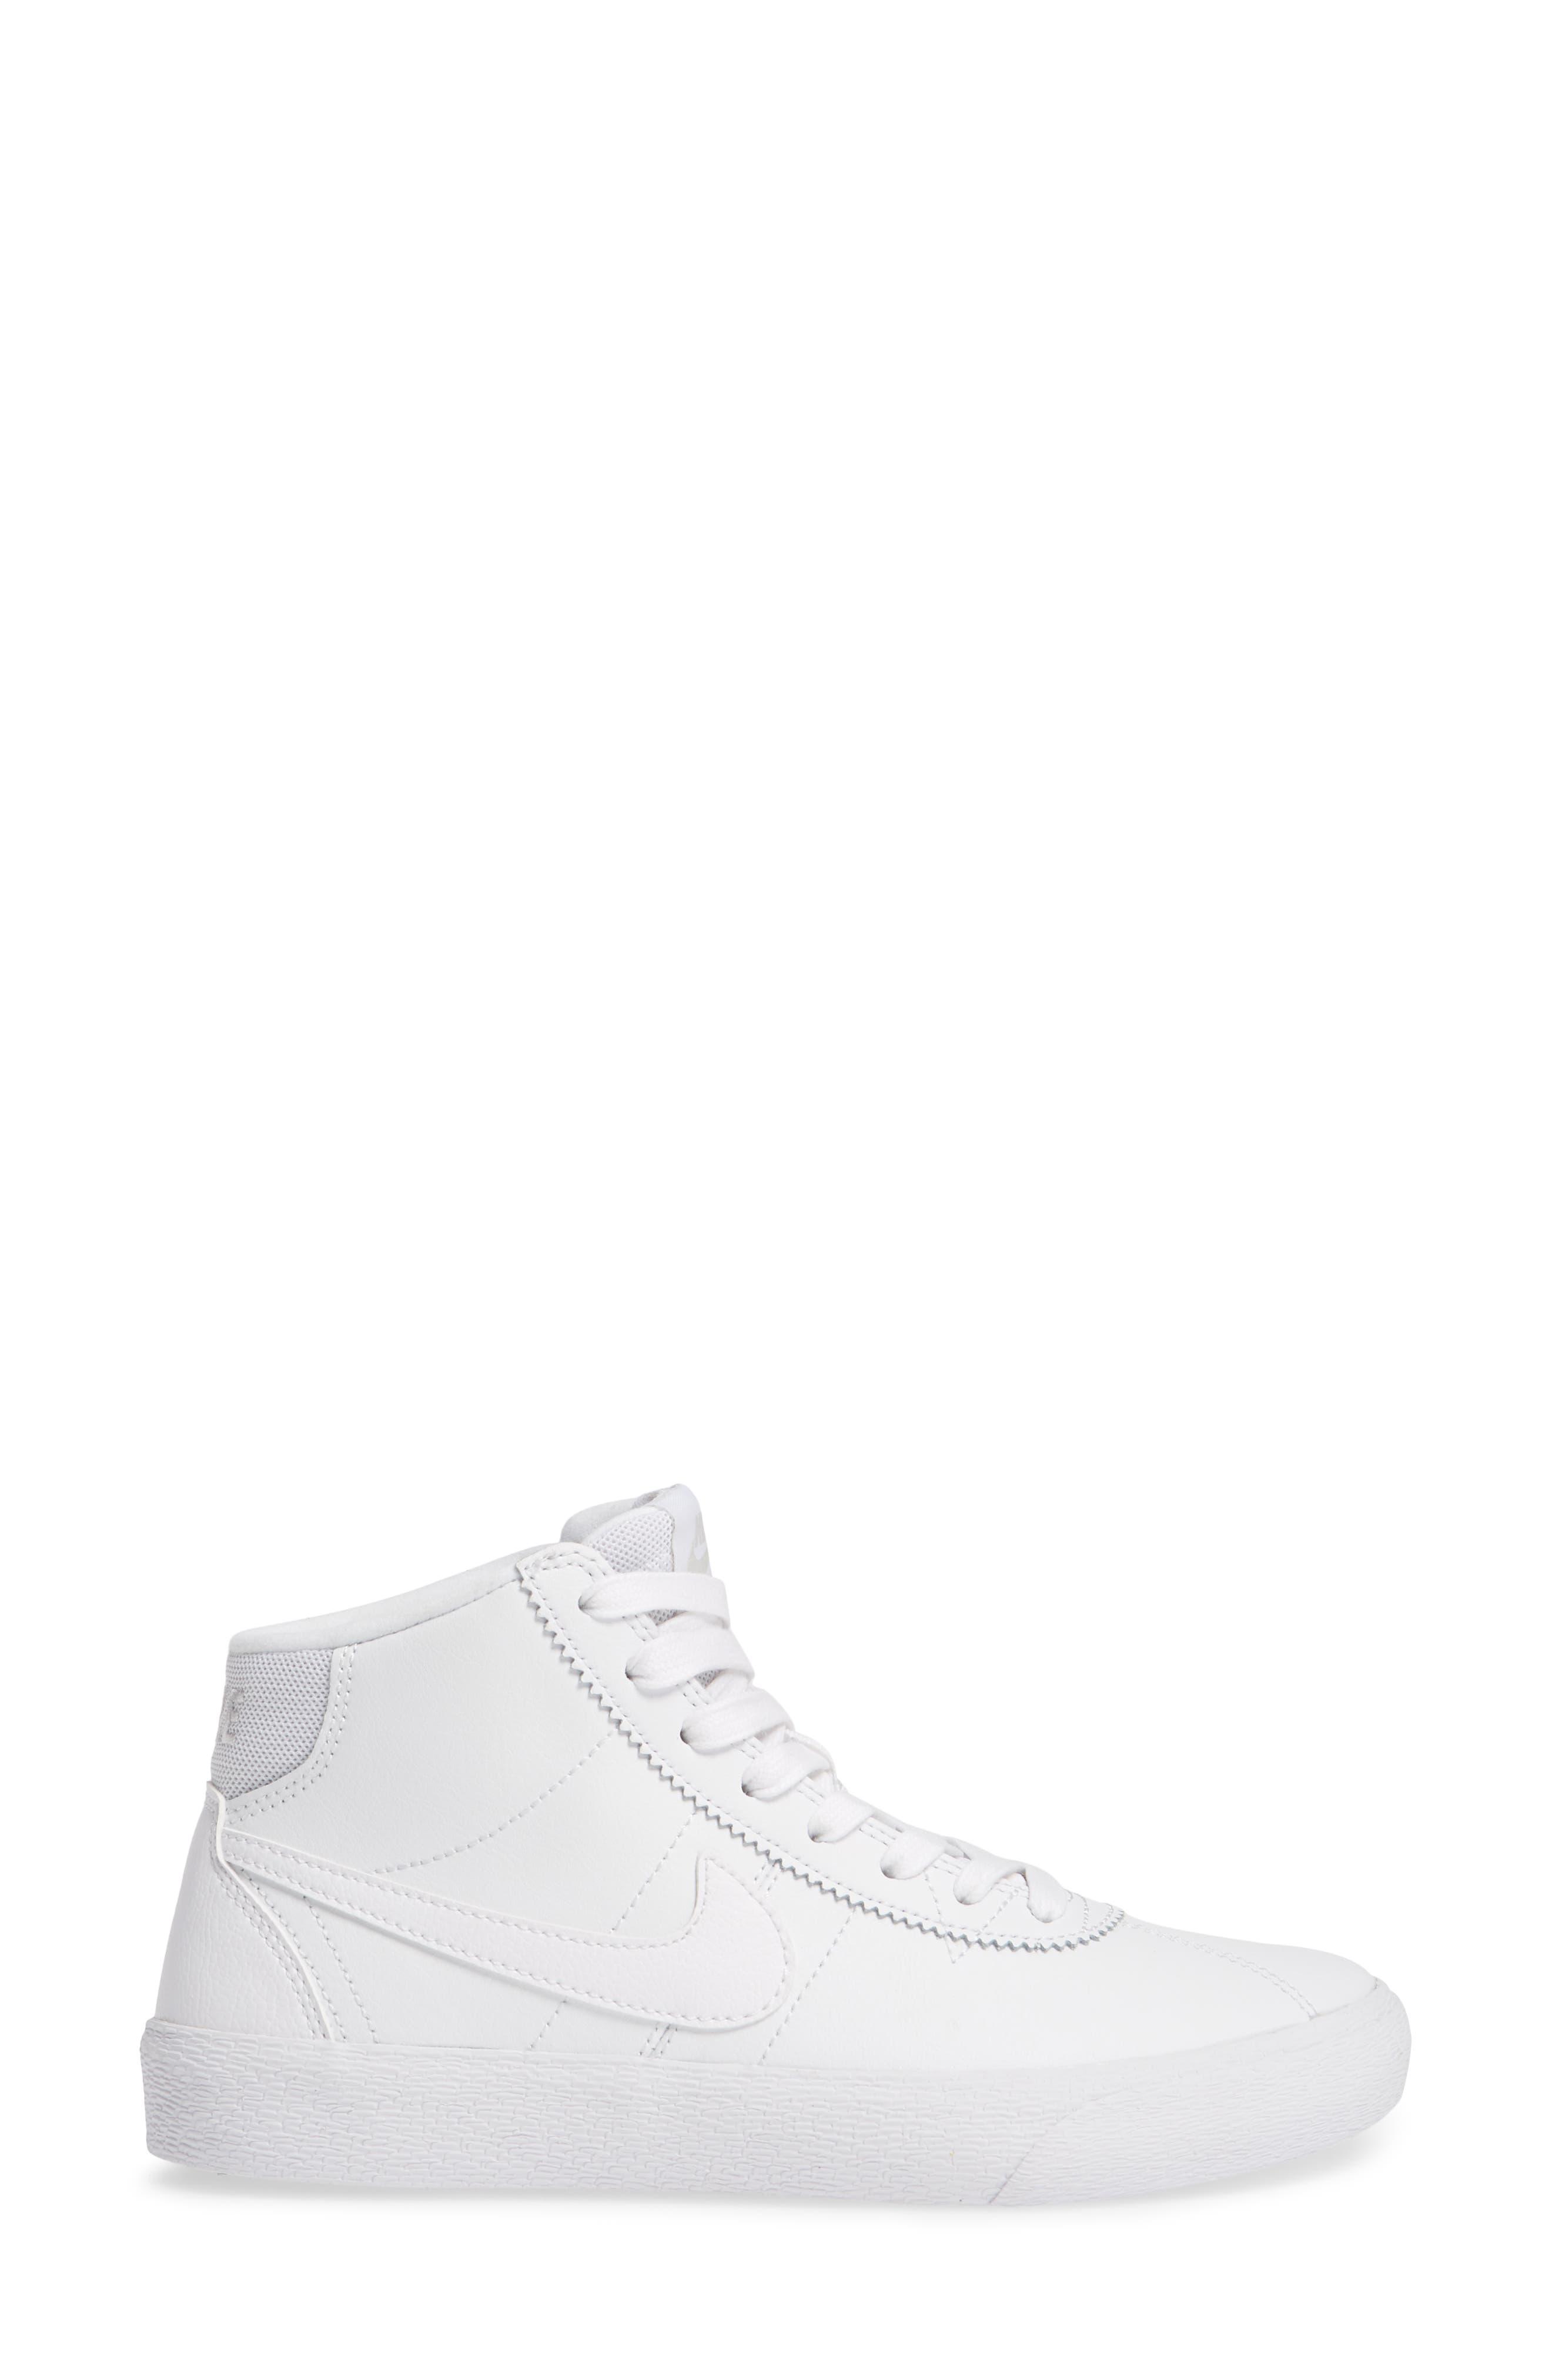 SB Bruin Hi Skateboarding Sneaker,                             Alternate thumbnail 3, color,                             WHITE/ WHITE/ VAST GREY